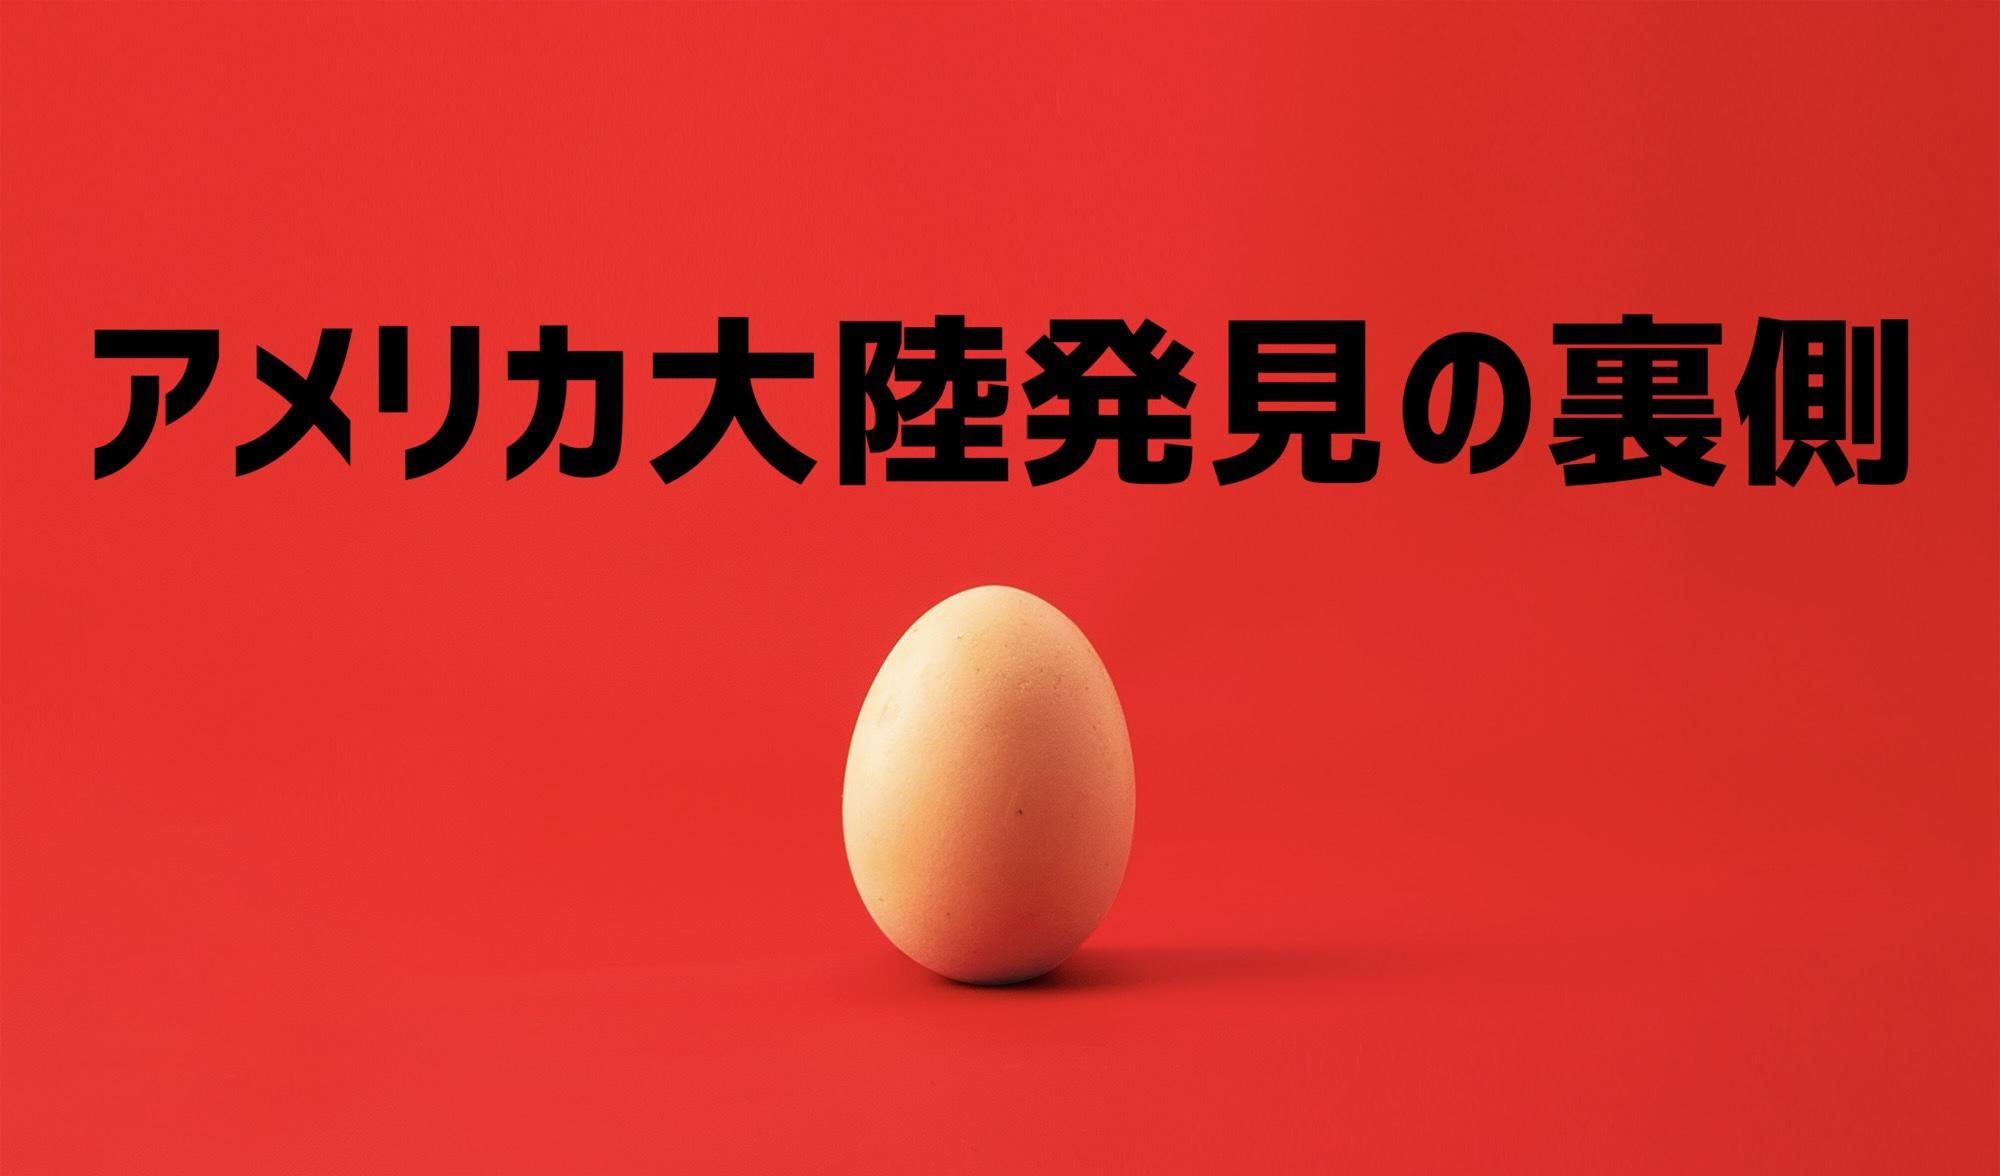 コロンブスの卵 アメリカ大陸